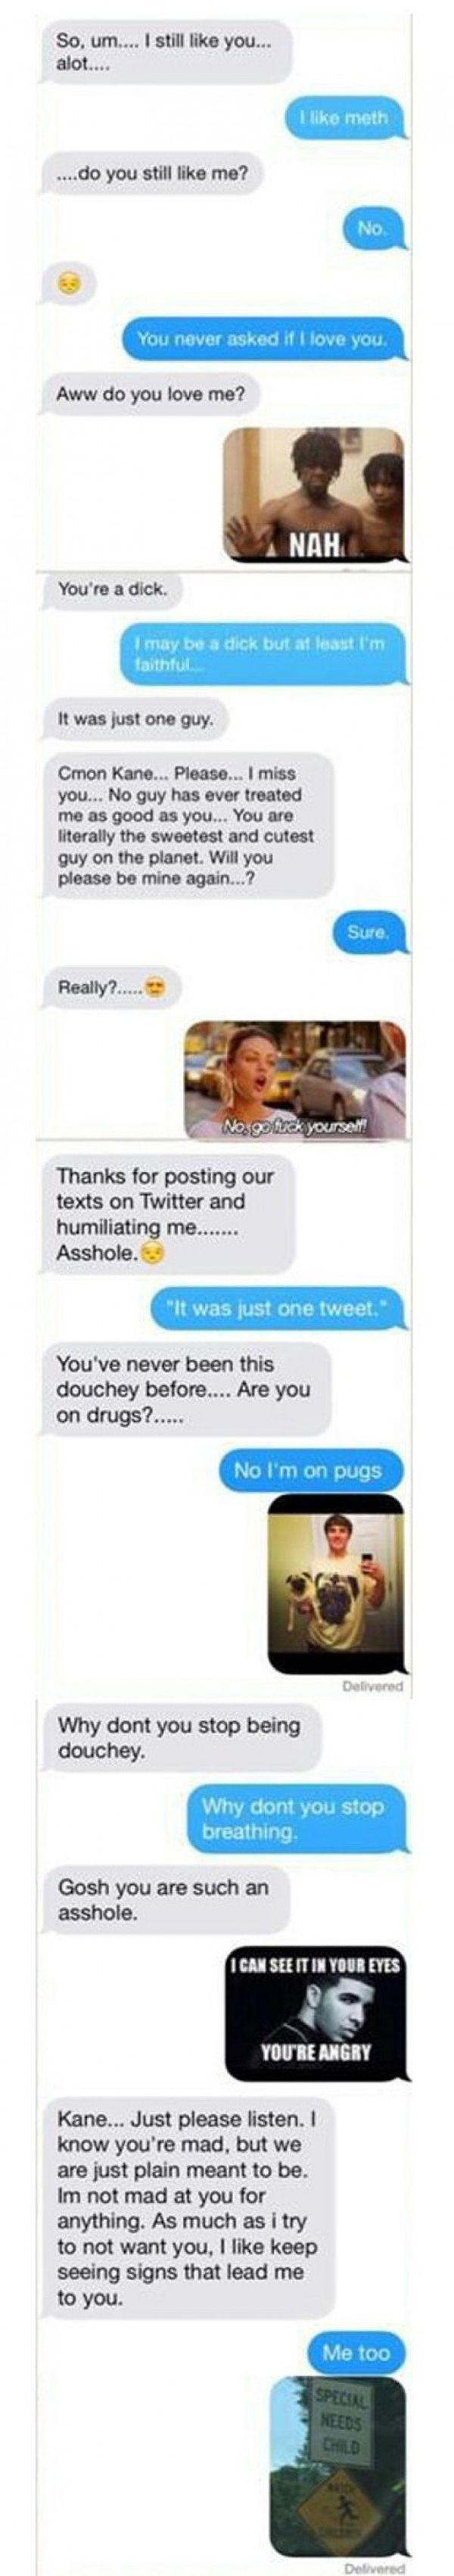 crazy ex-girlfriend texts